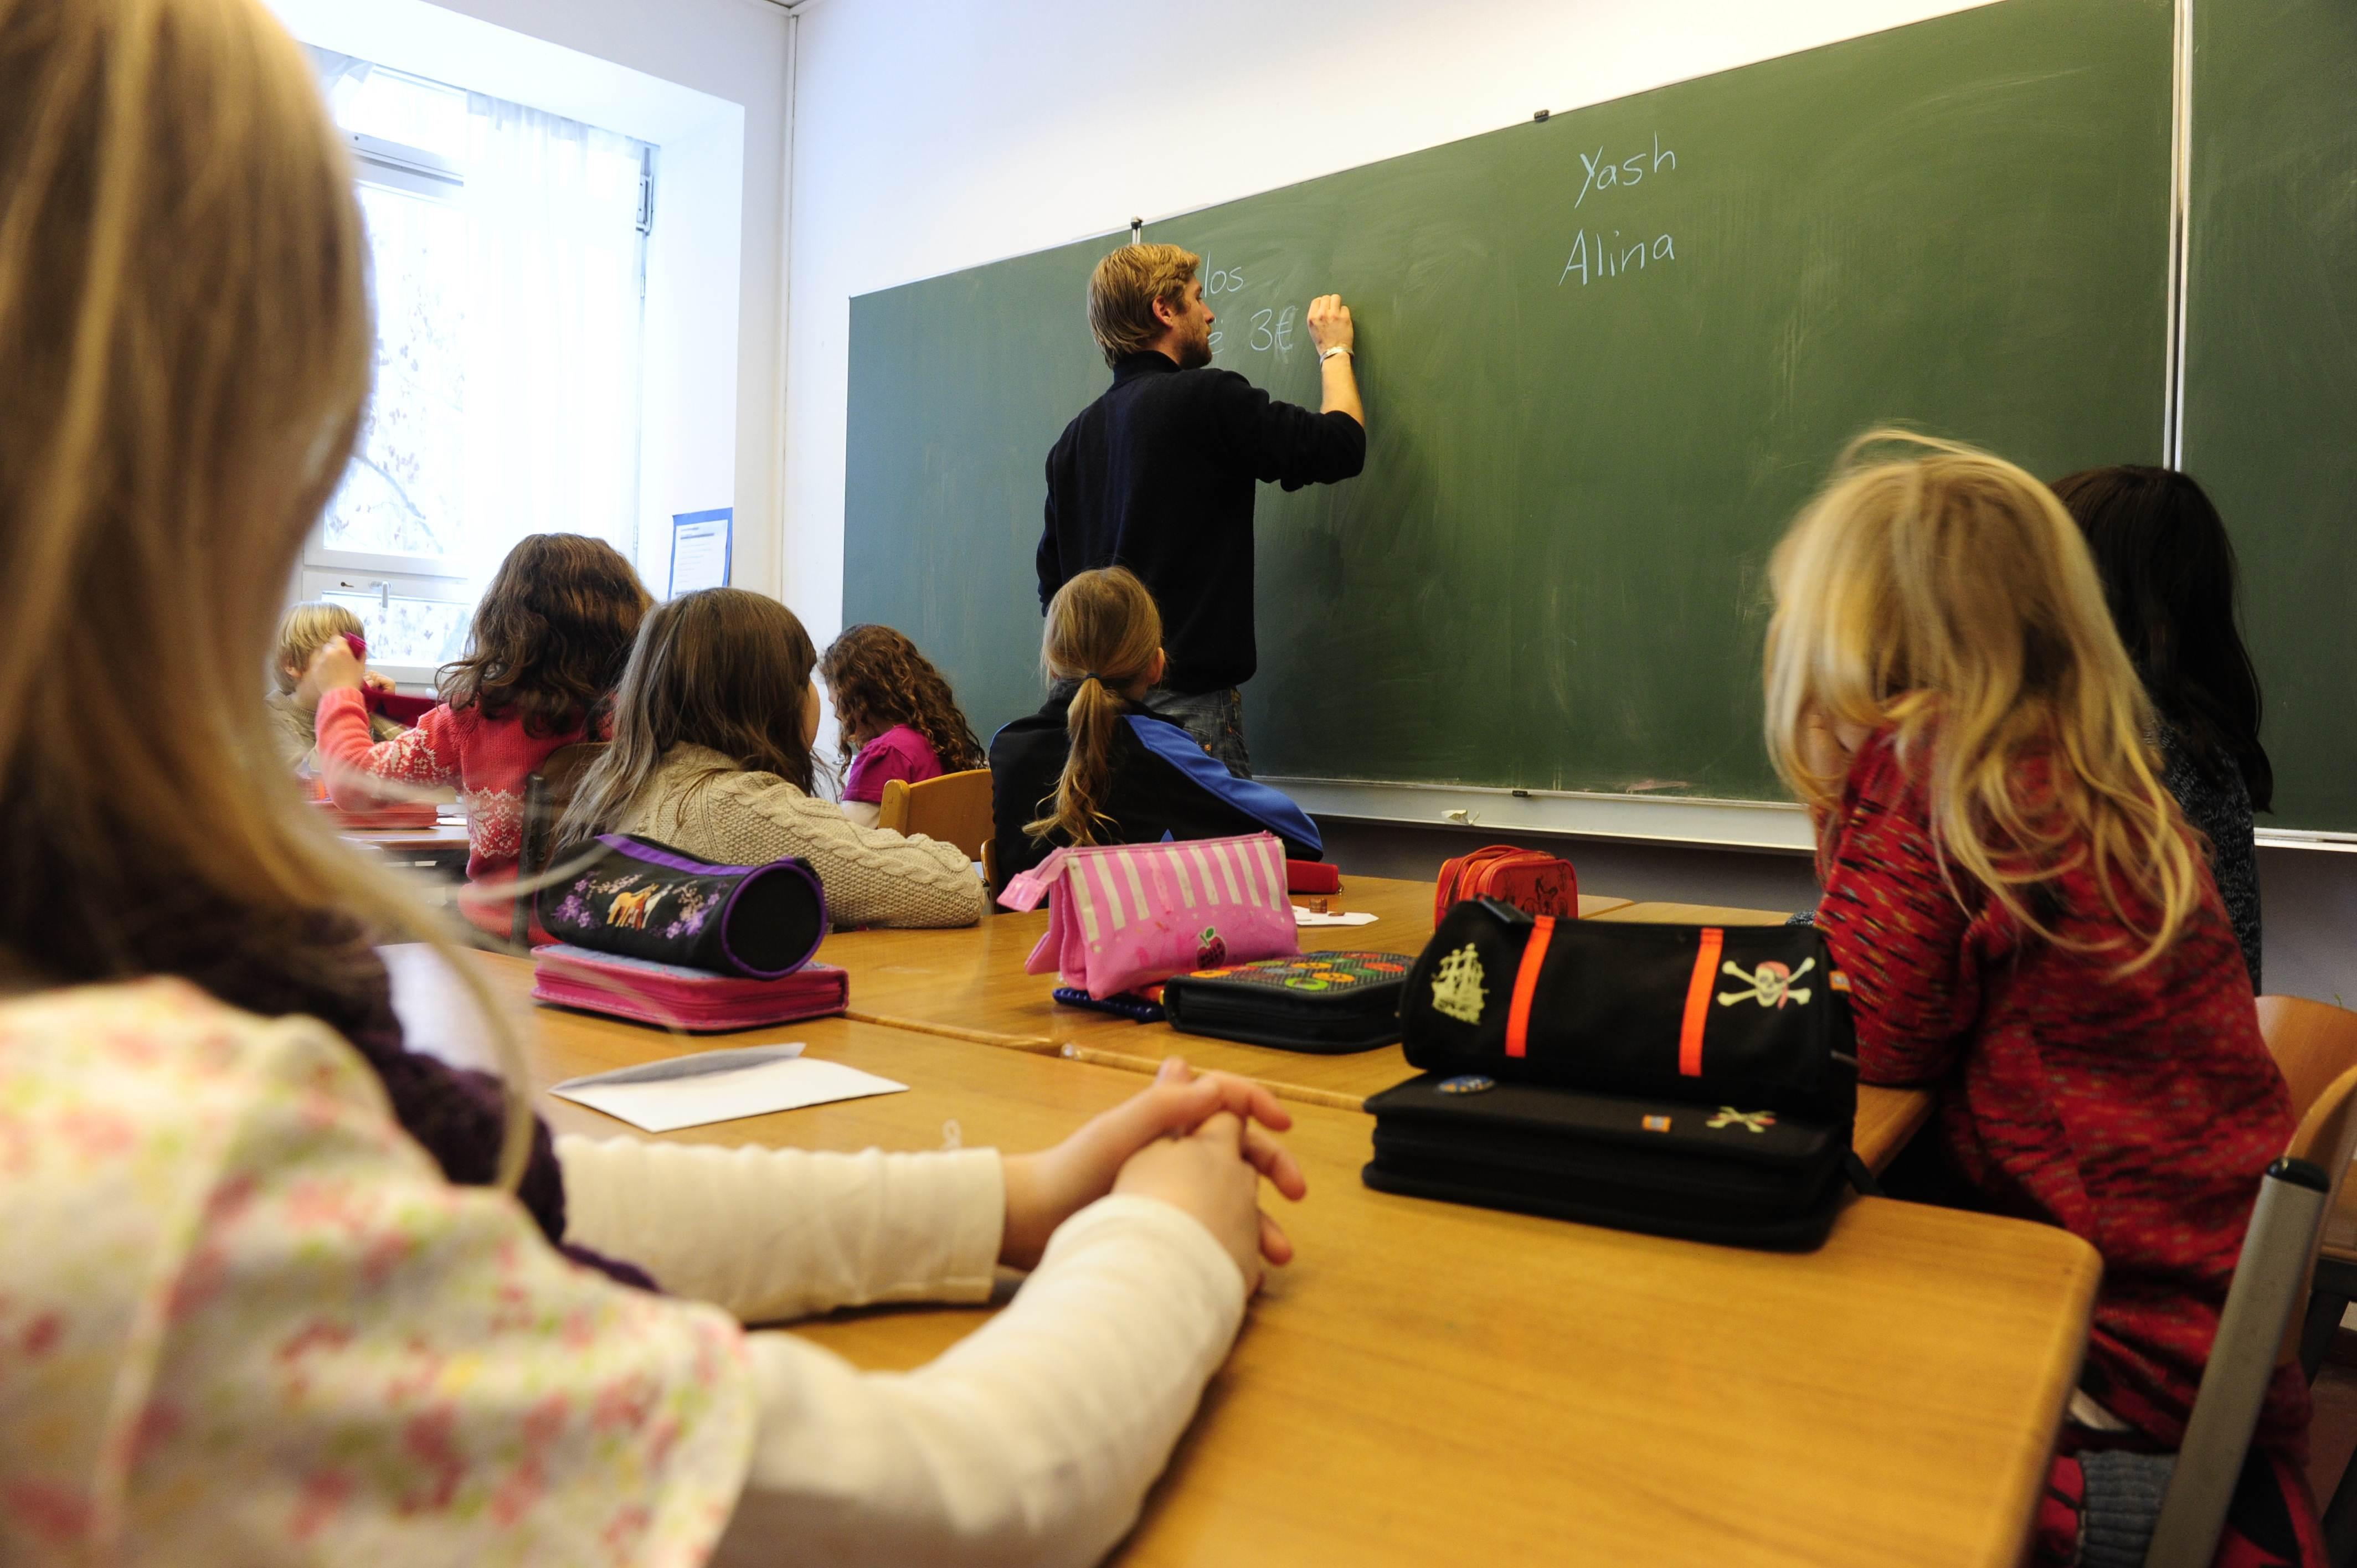 Peste 250 de infracțiuni înregistrate anul trecut în școlile bucureștene